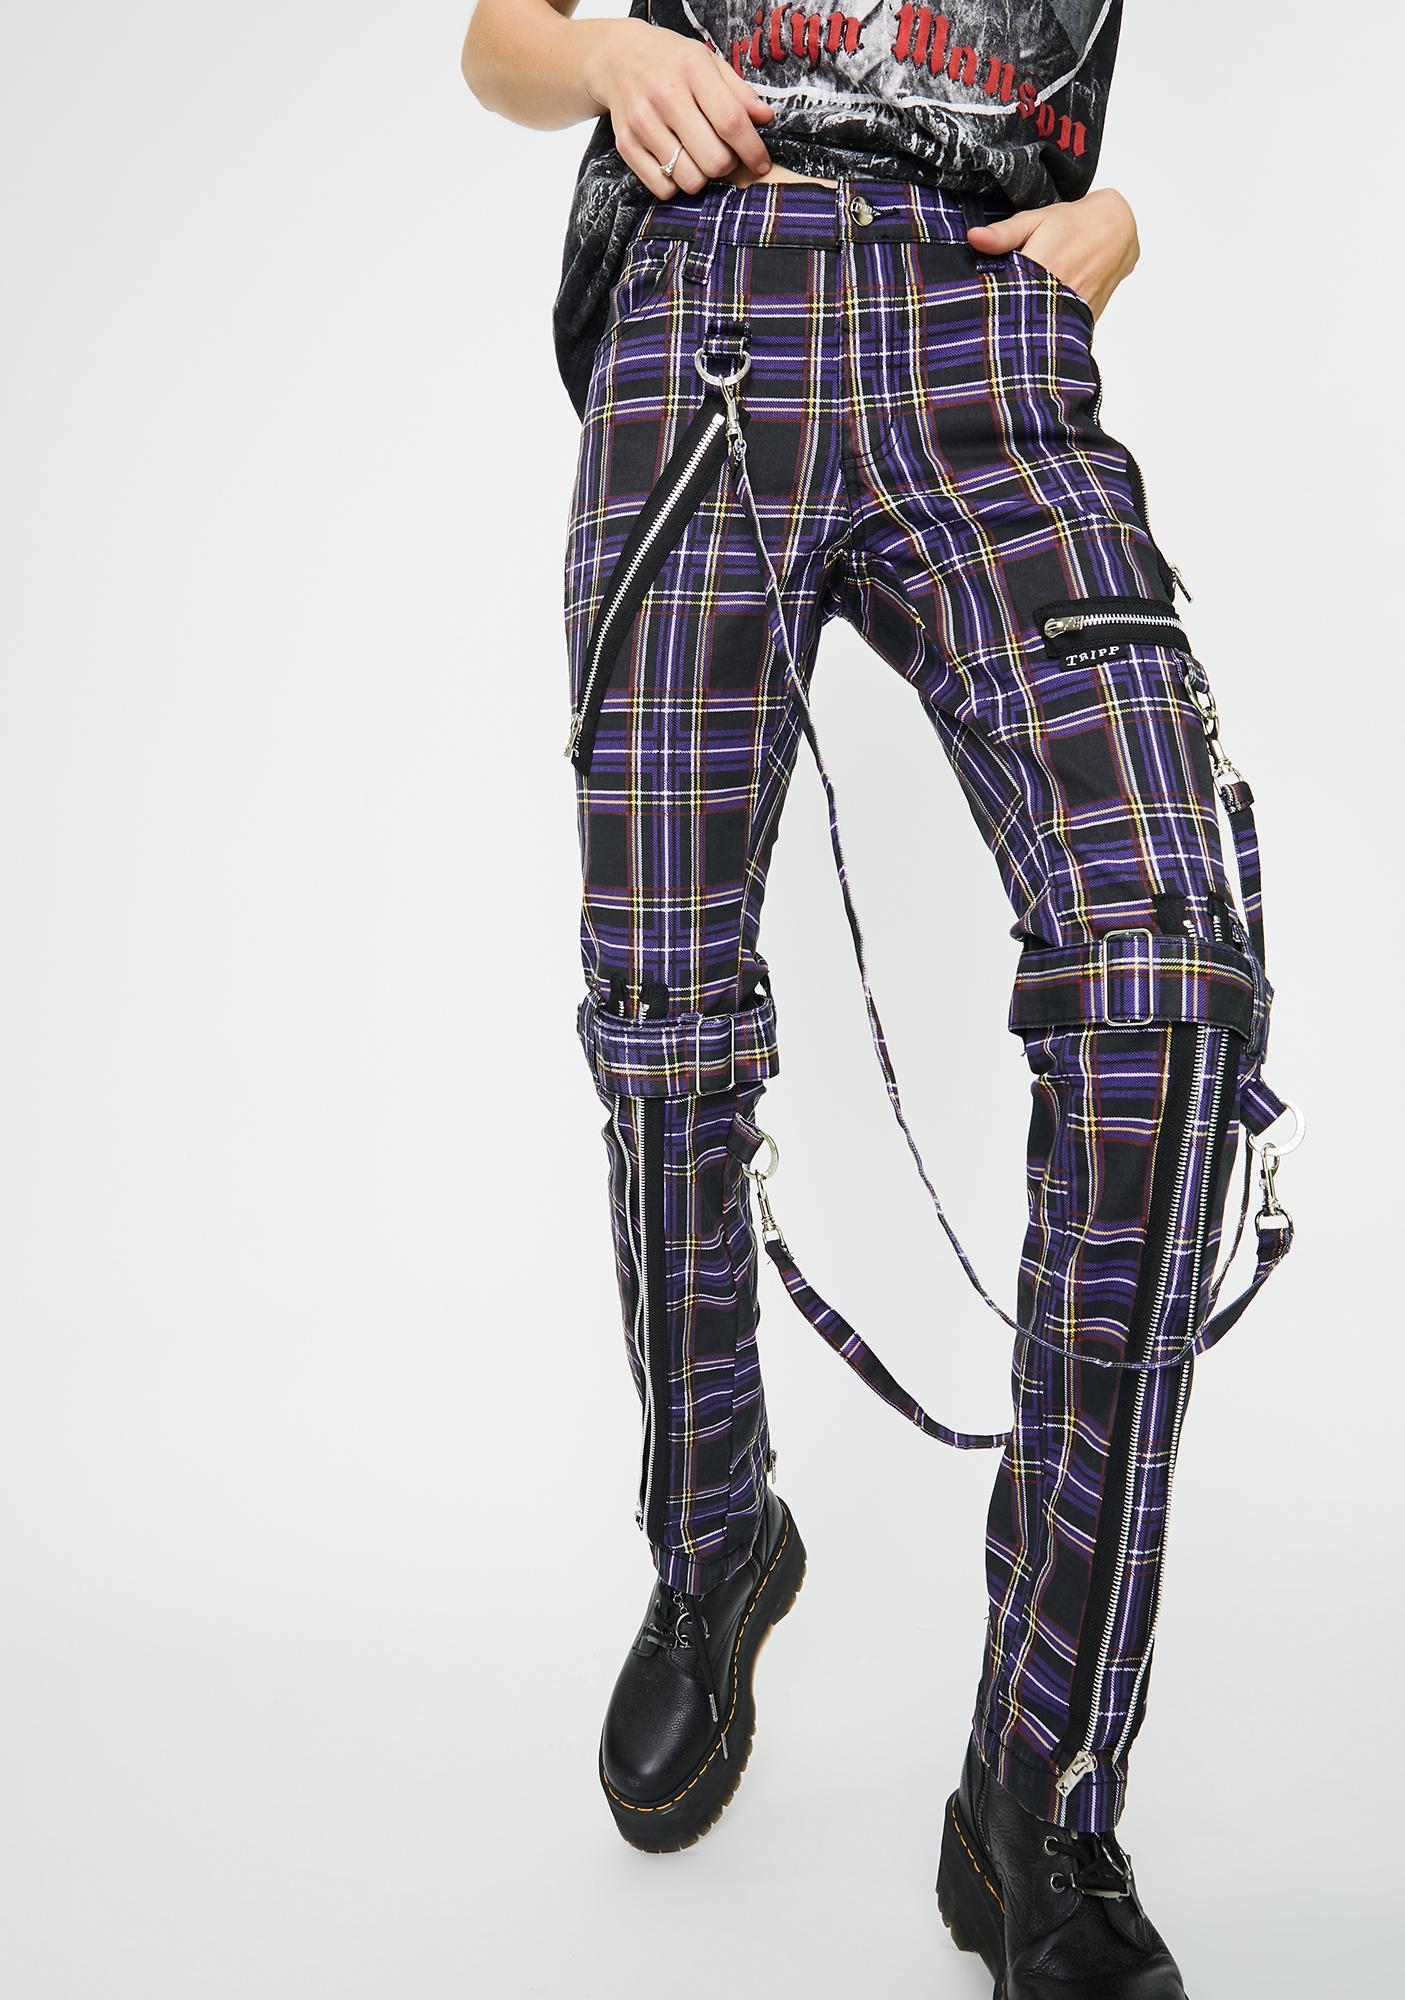 Dogpile plaid bondage pants